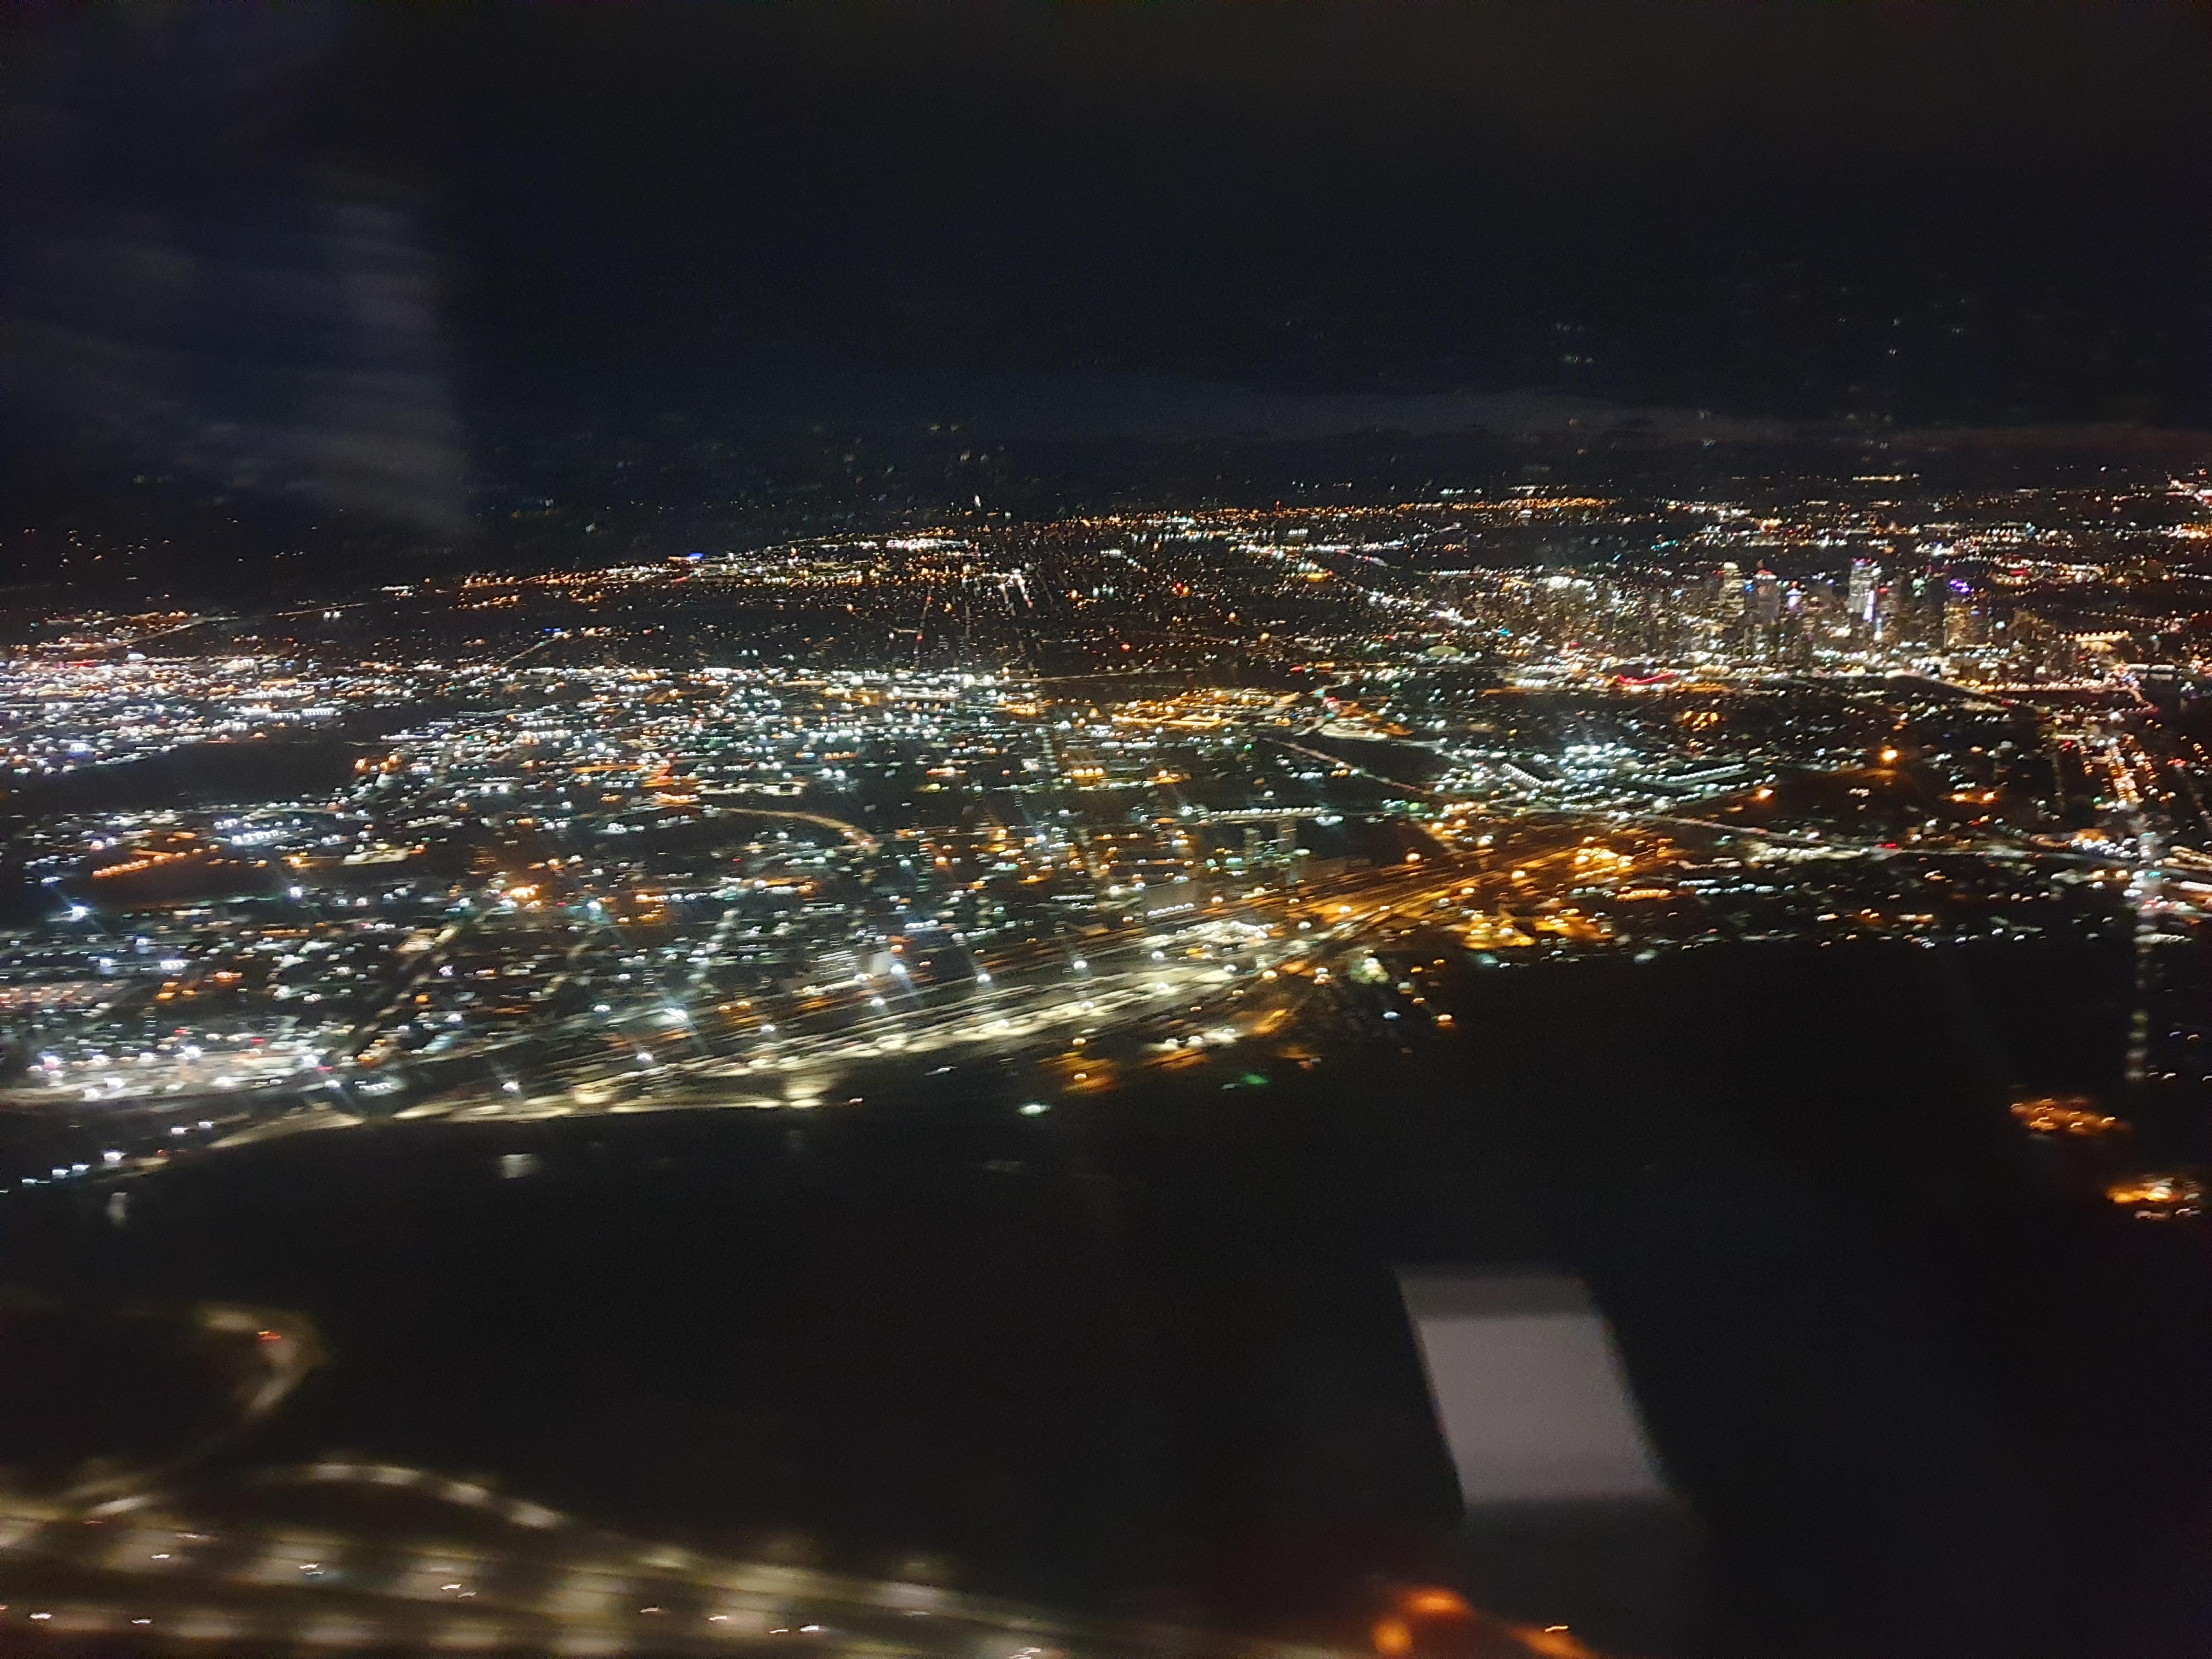 Approaching Calgary